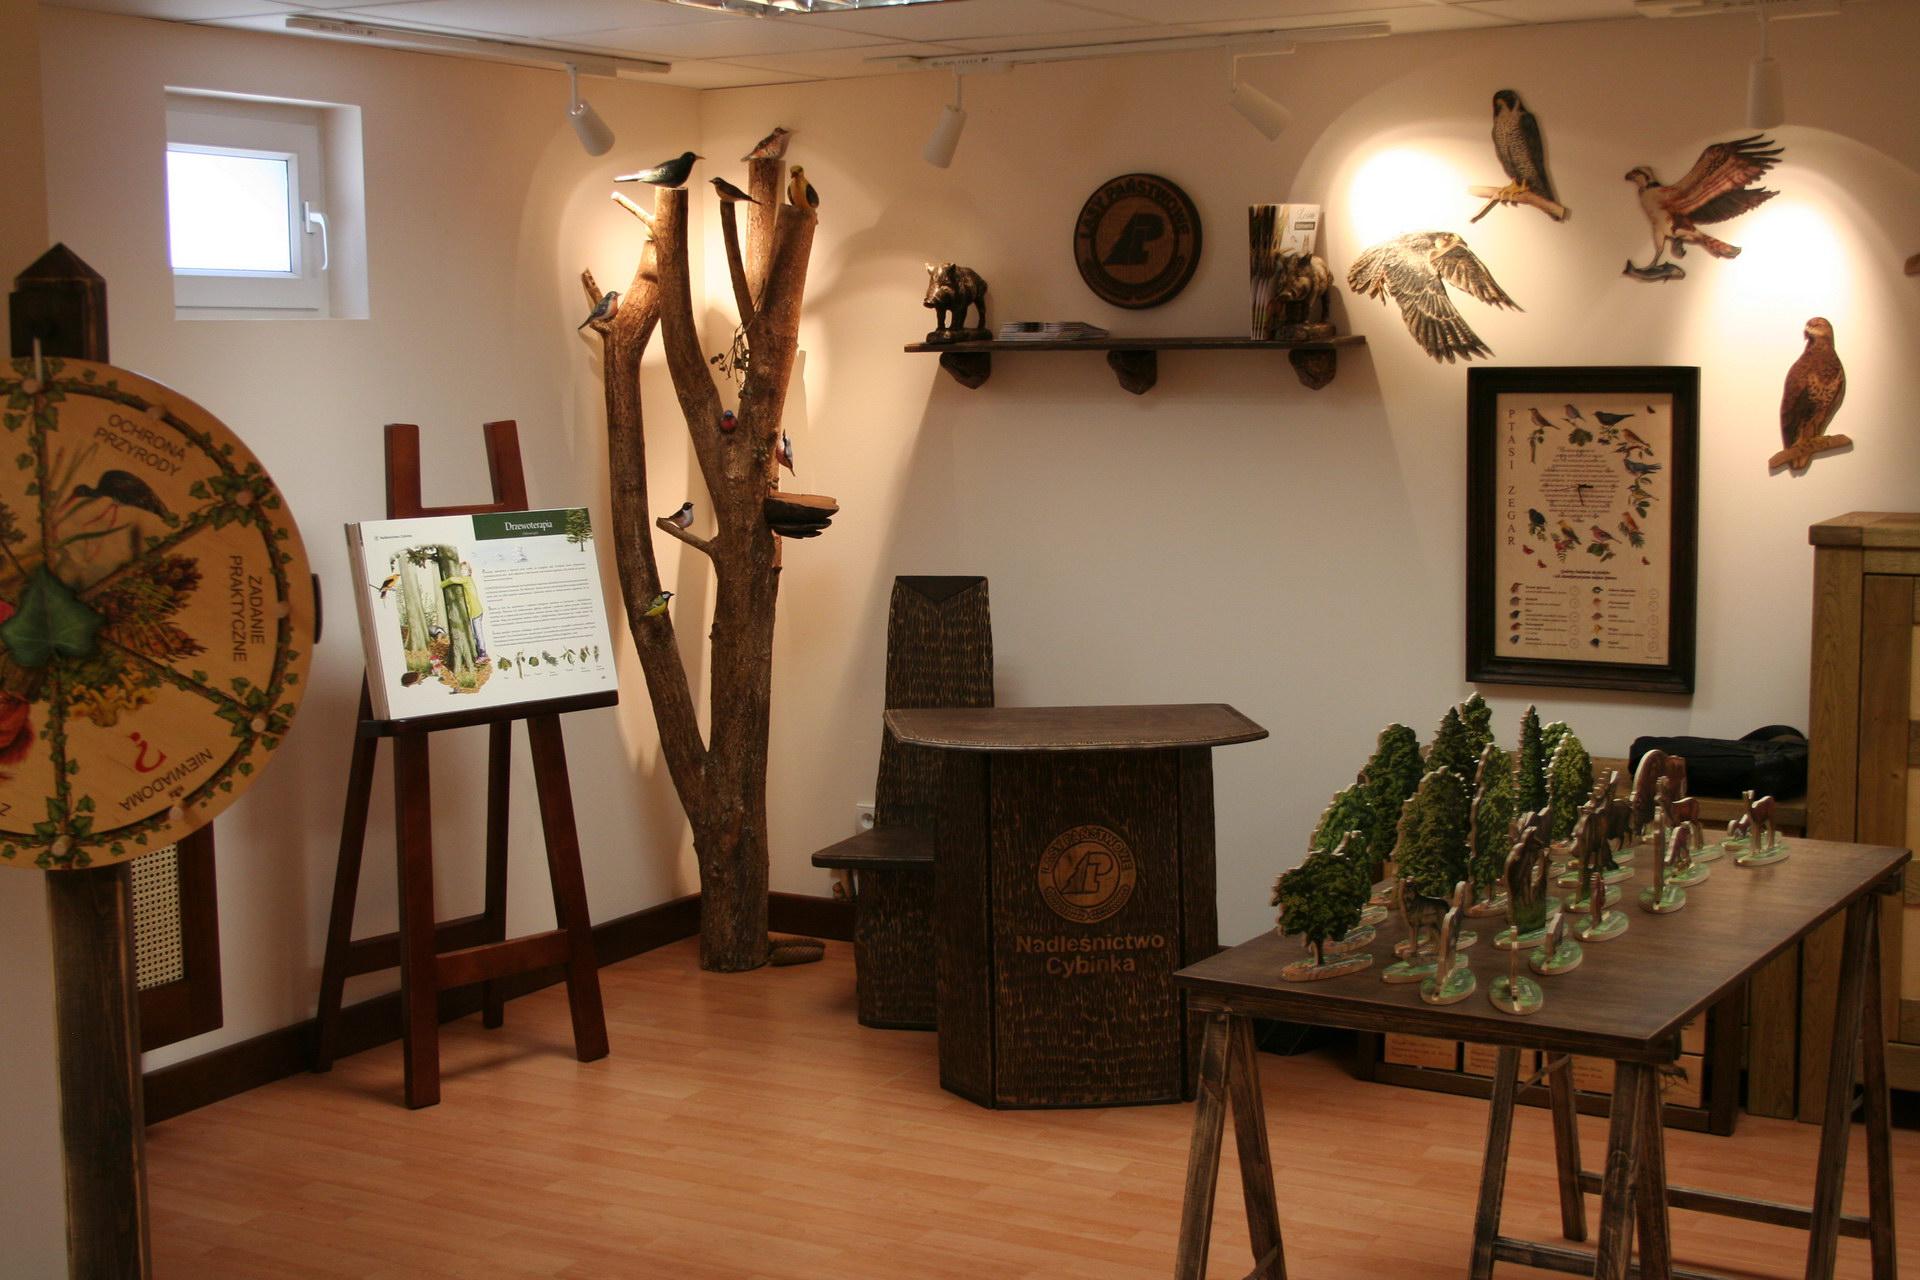 Izby edukacyjne lesne - sale przyrodnicze, wystroj wnetrz - Nadlesnictwo Cybinka (2)